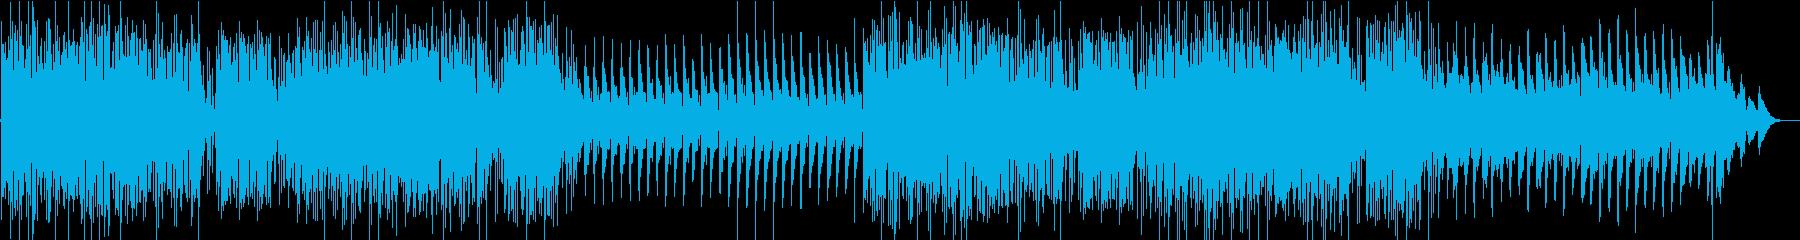 勢いのあるドラムとピアノから始まるBGMの再生済みの波形